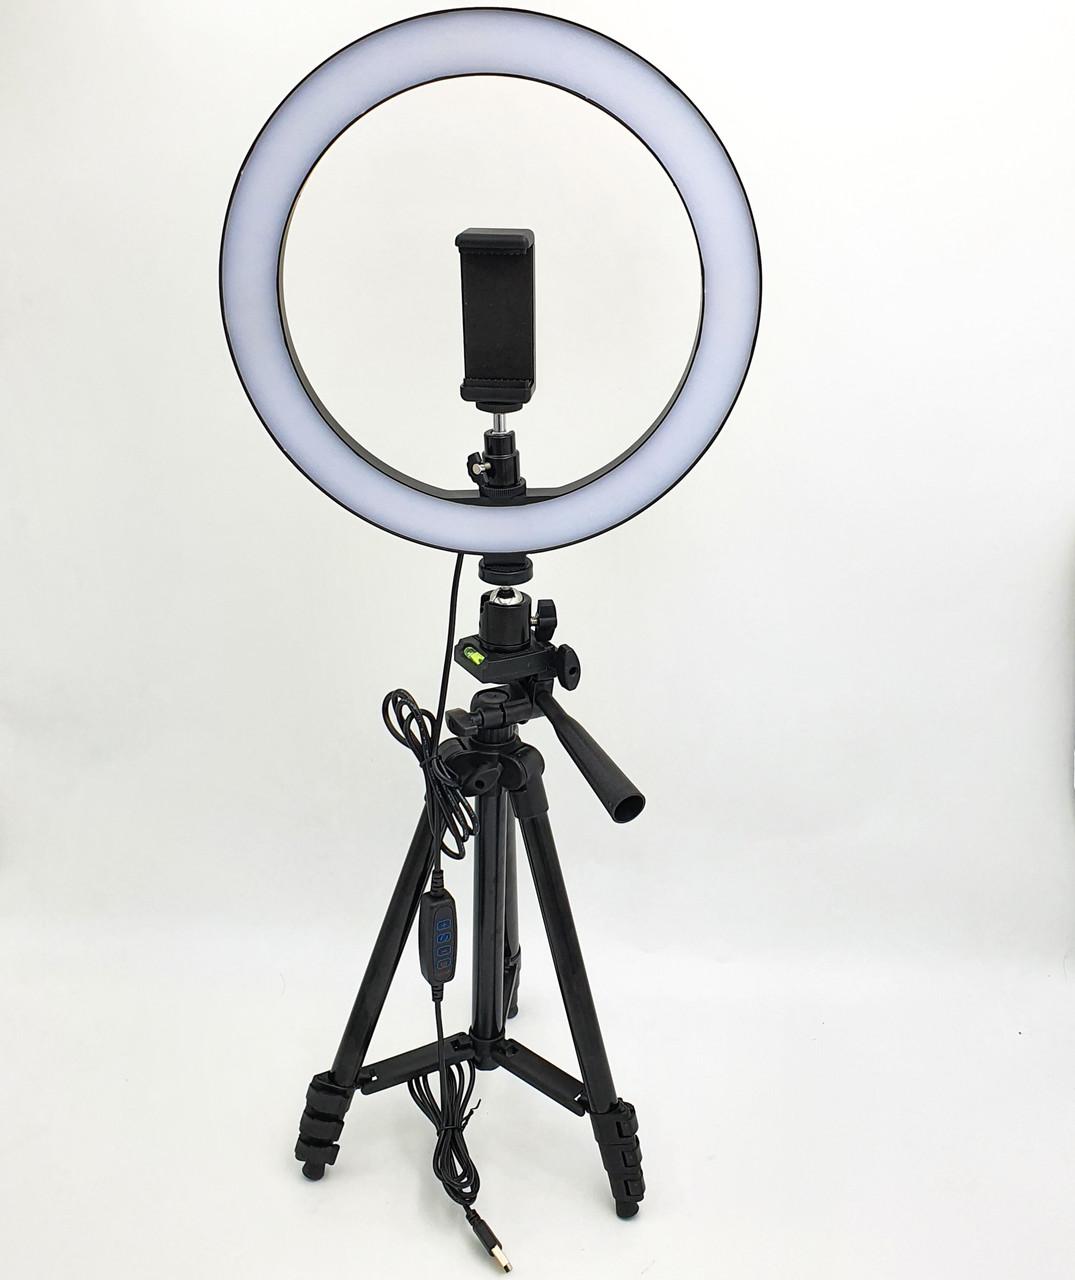 Набор блогера 2в1 кольцевая LED лампа 26см 12W с держателем телефона и штатив 102 см регулировка яркости и